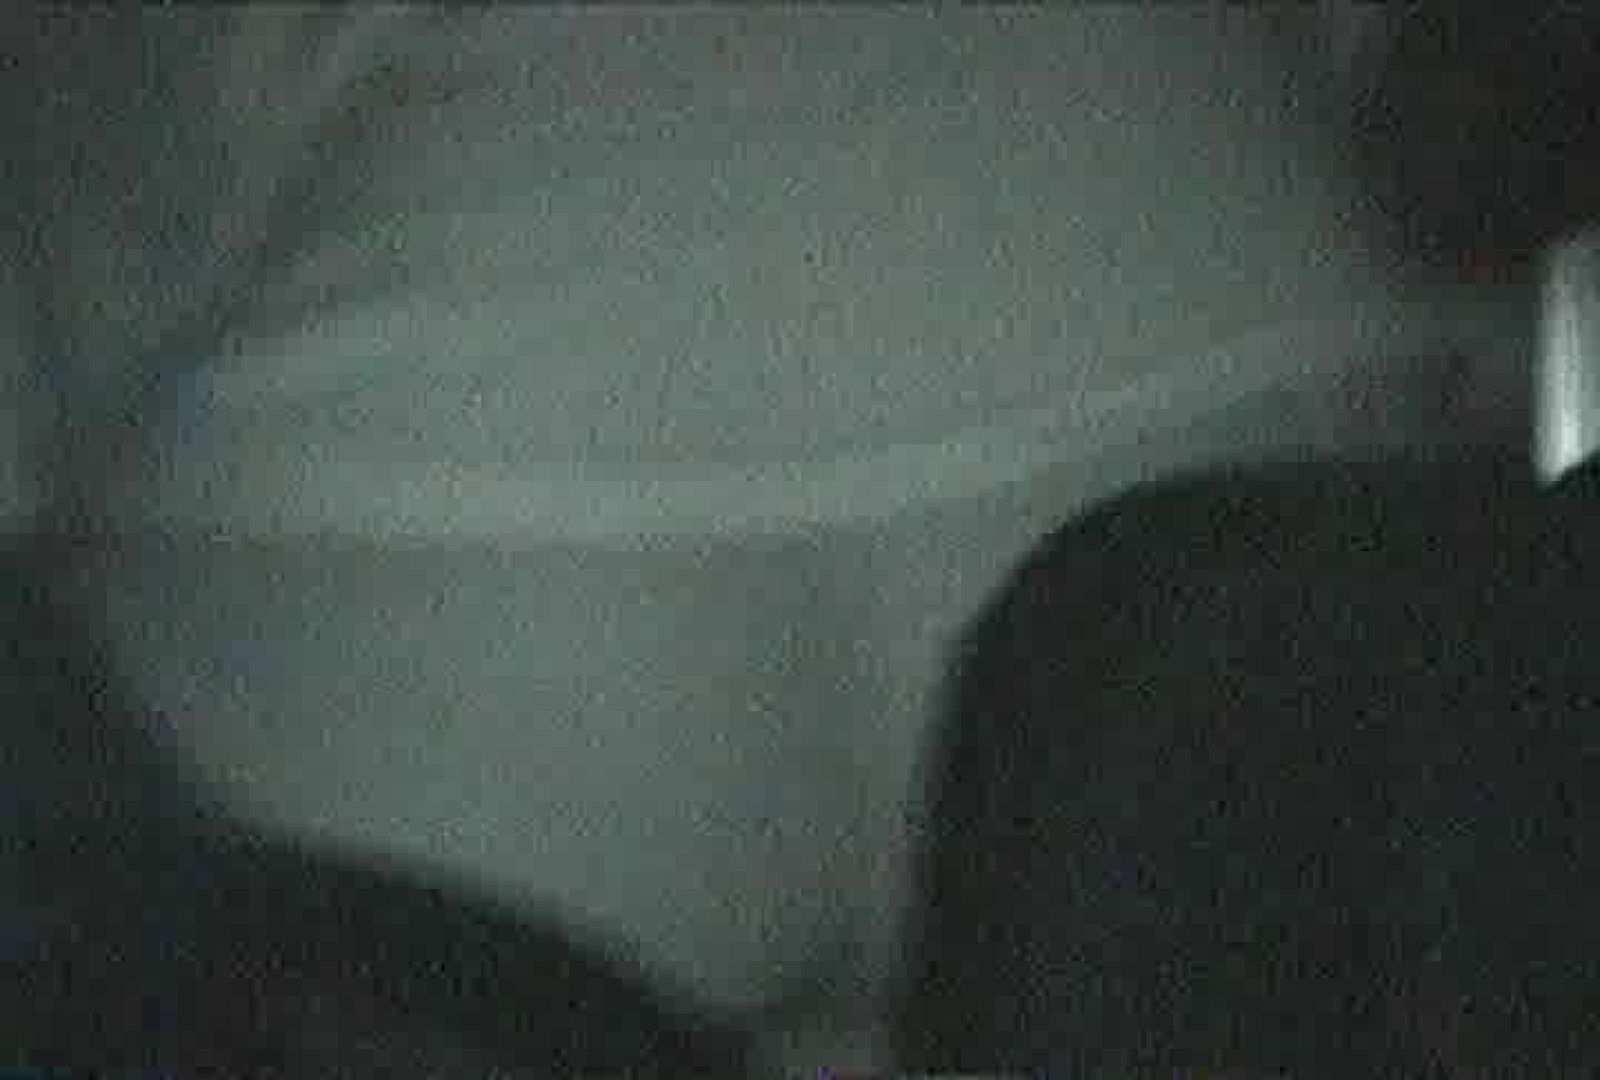 充血監督の深夜の運動会Vol.86 手マン エロ画像 96pic 47